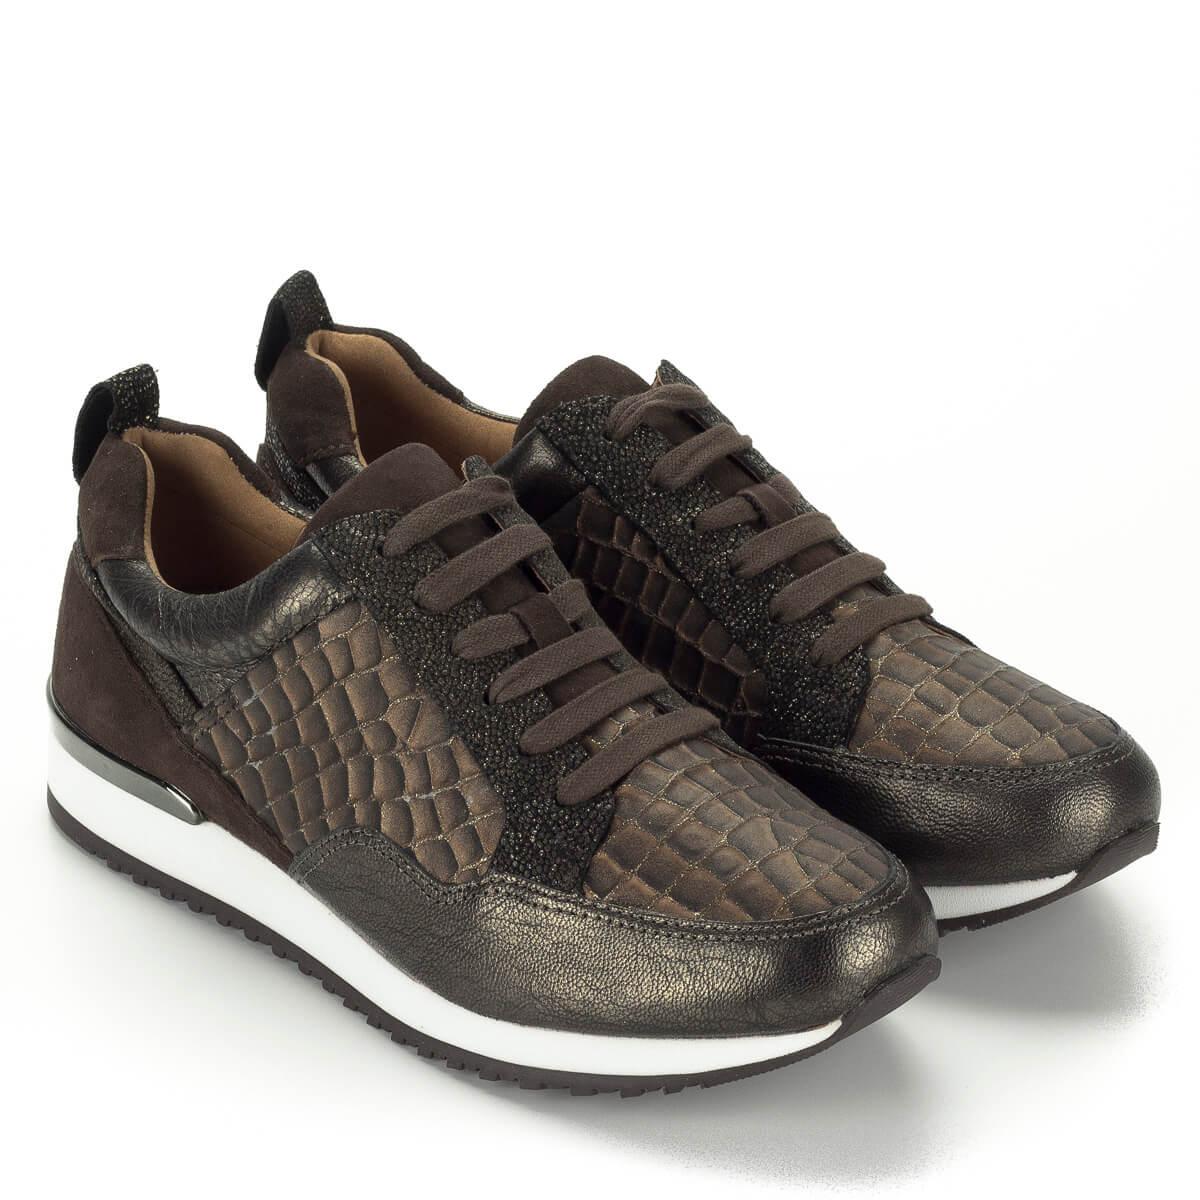 Caprice cipők - Női bőr cipők 16948aafcb